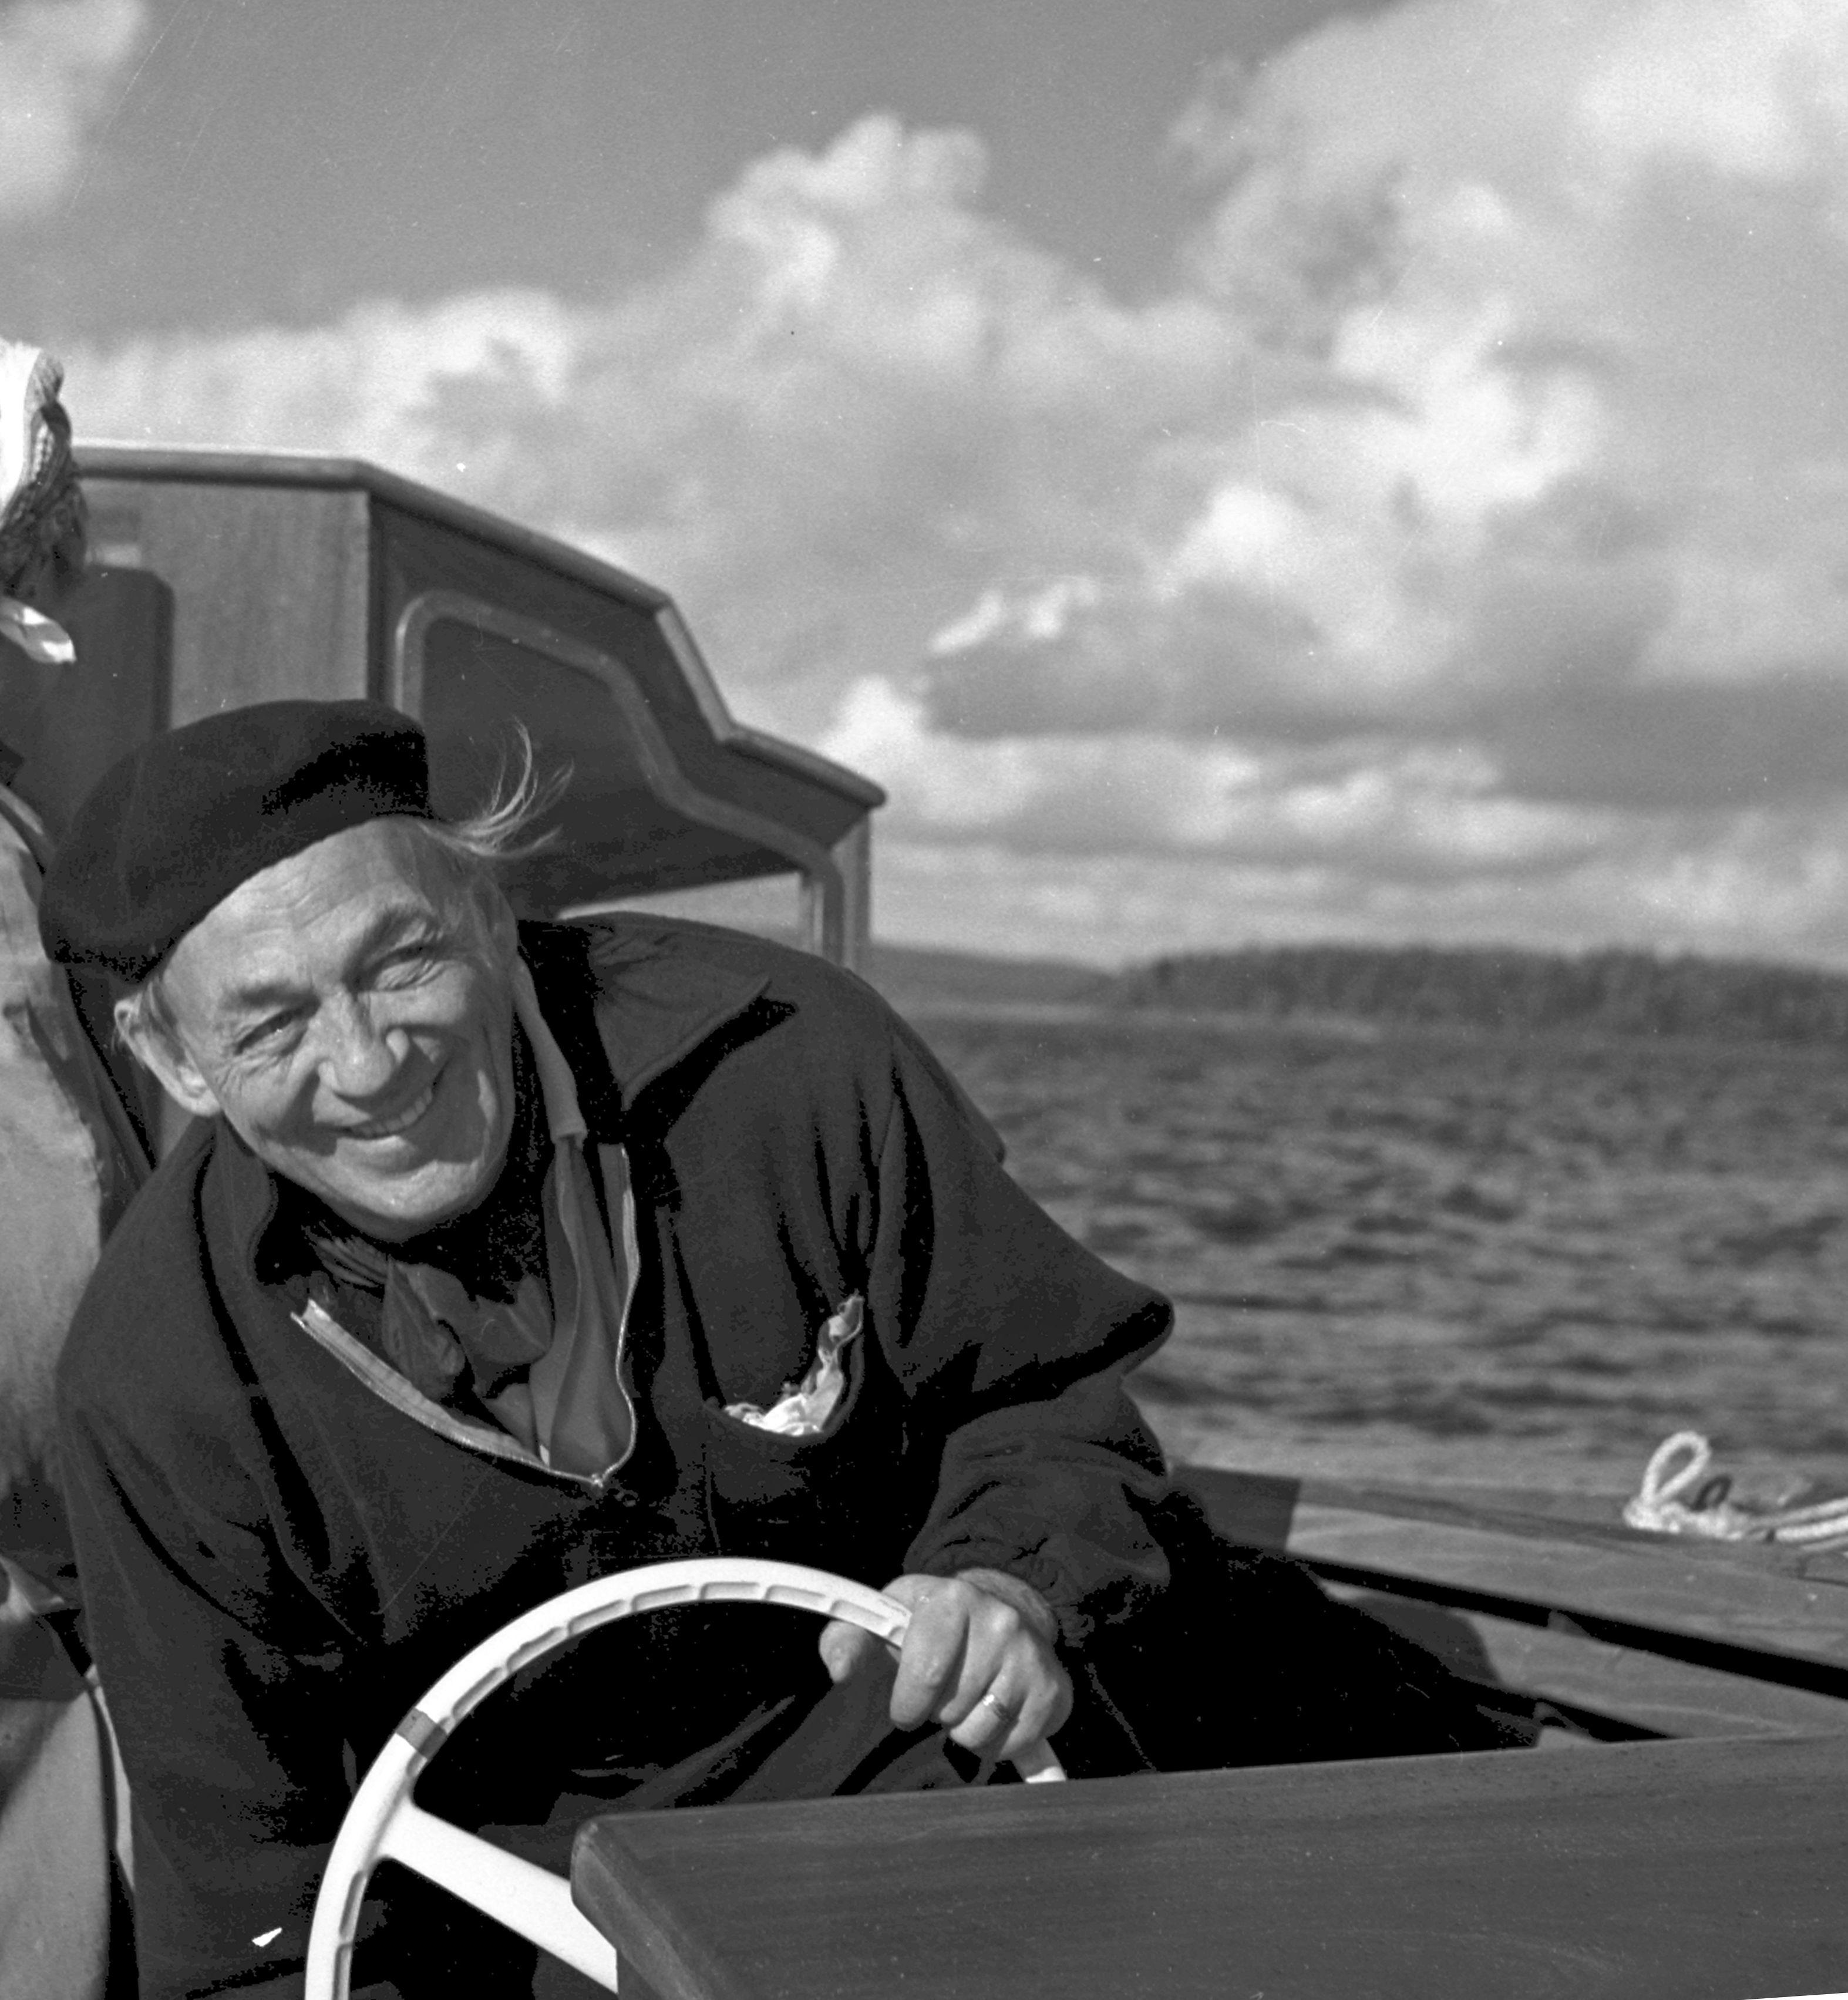 ネモ・プロフェタ号に乗るアアルト、1960年代 (C)Schildt Foundation, photo: Göran Schildt